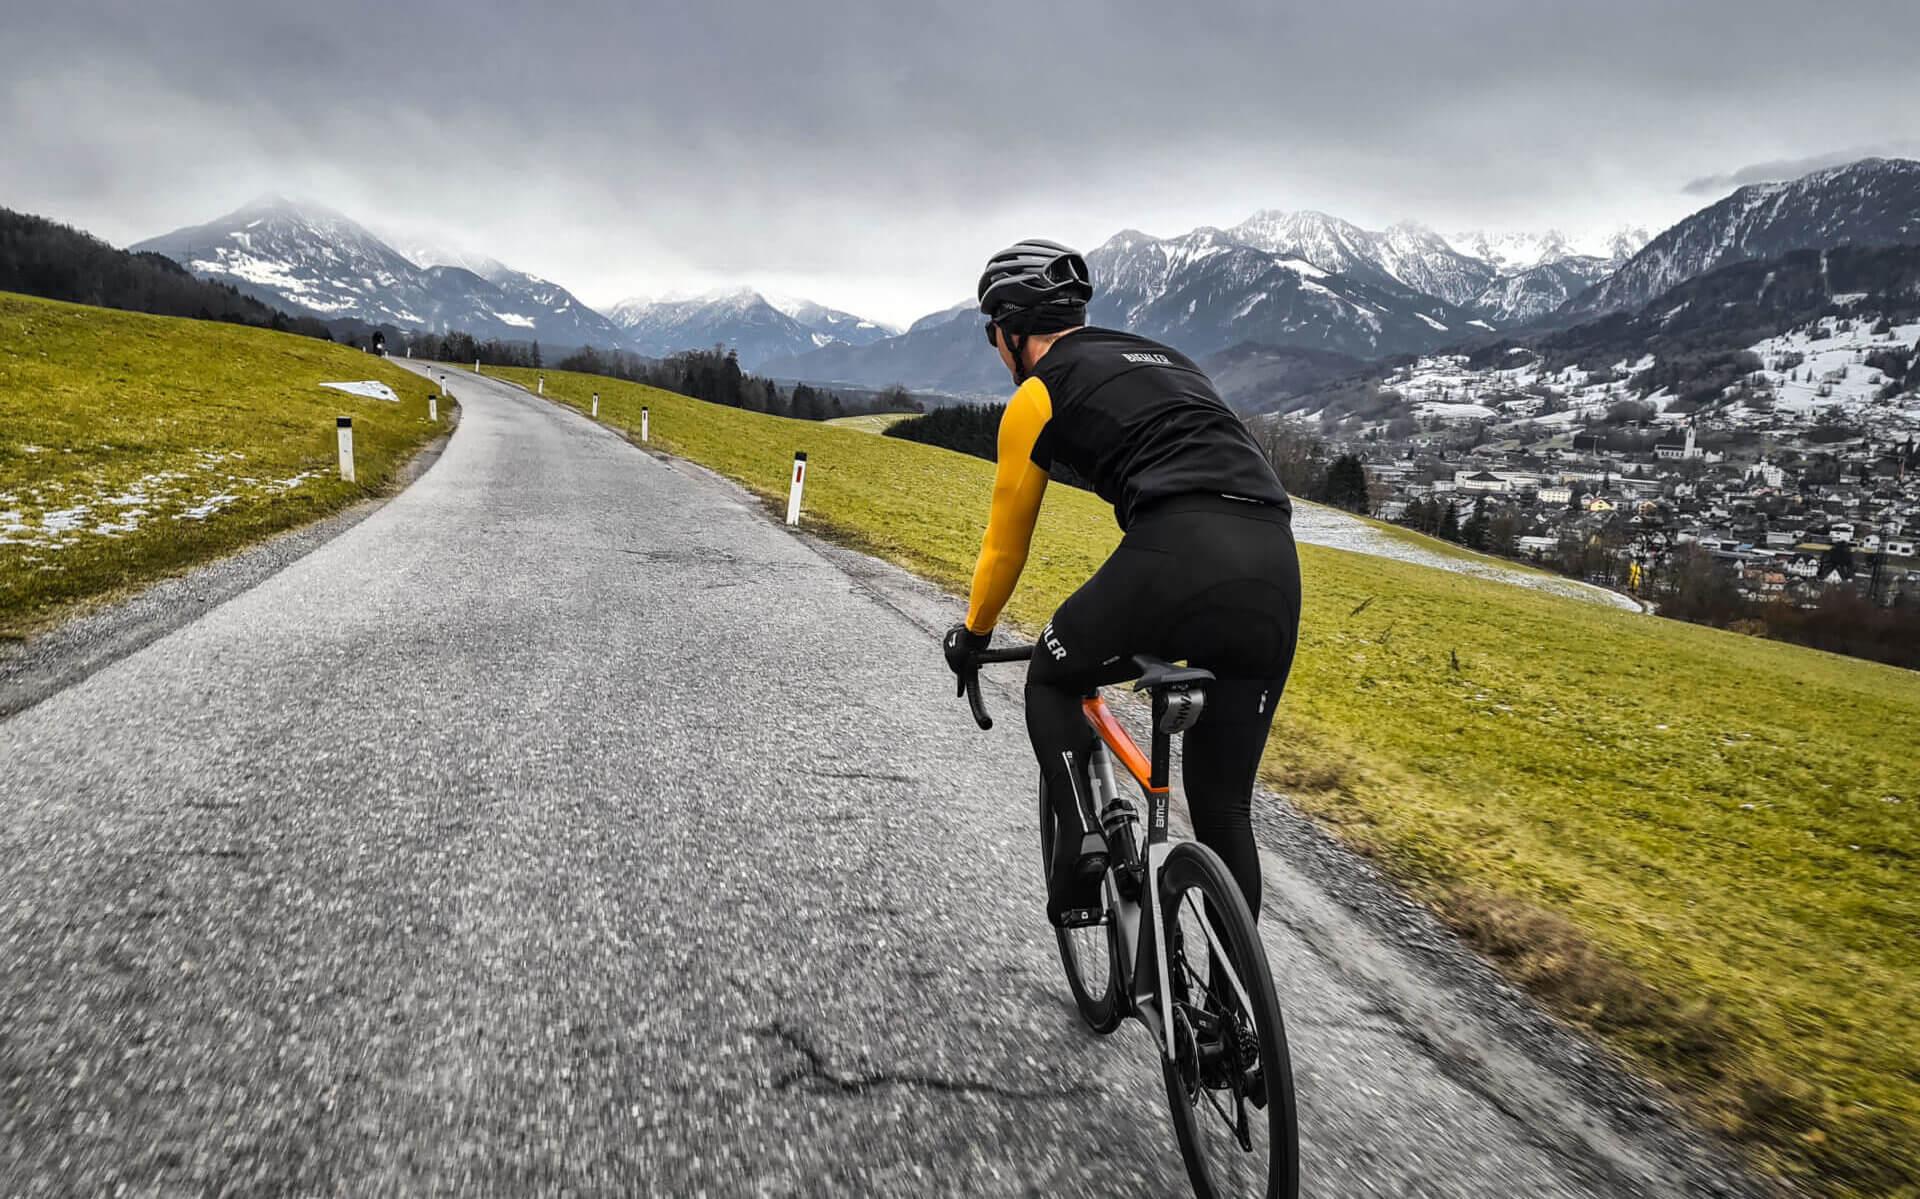 Merkmale von echten Rennradfahrern